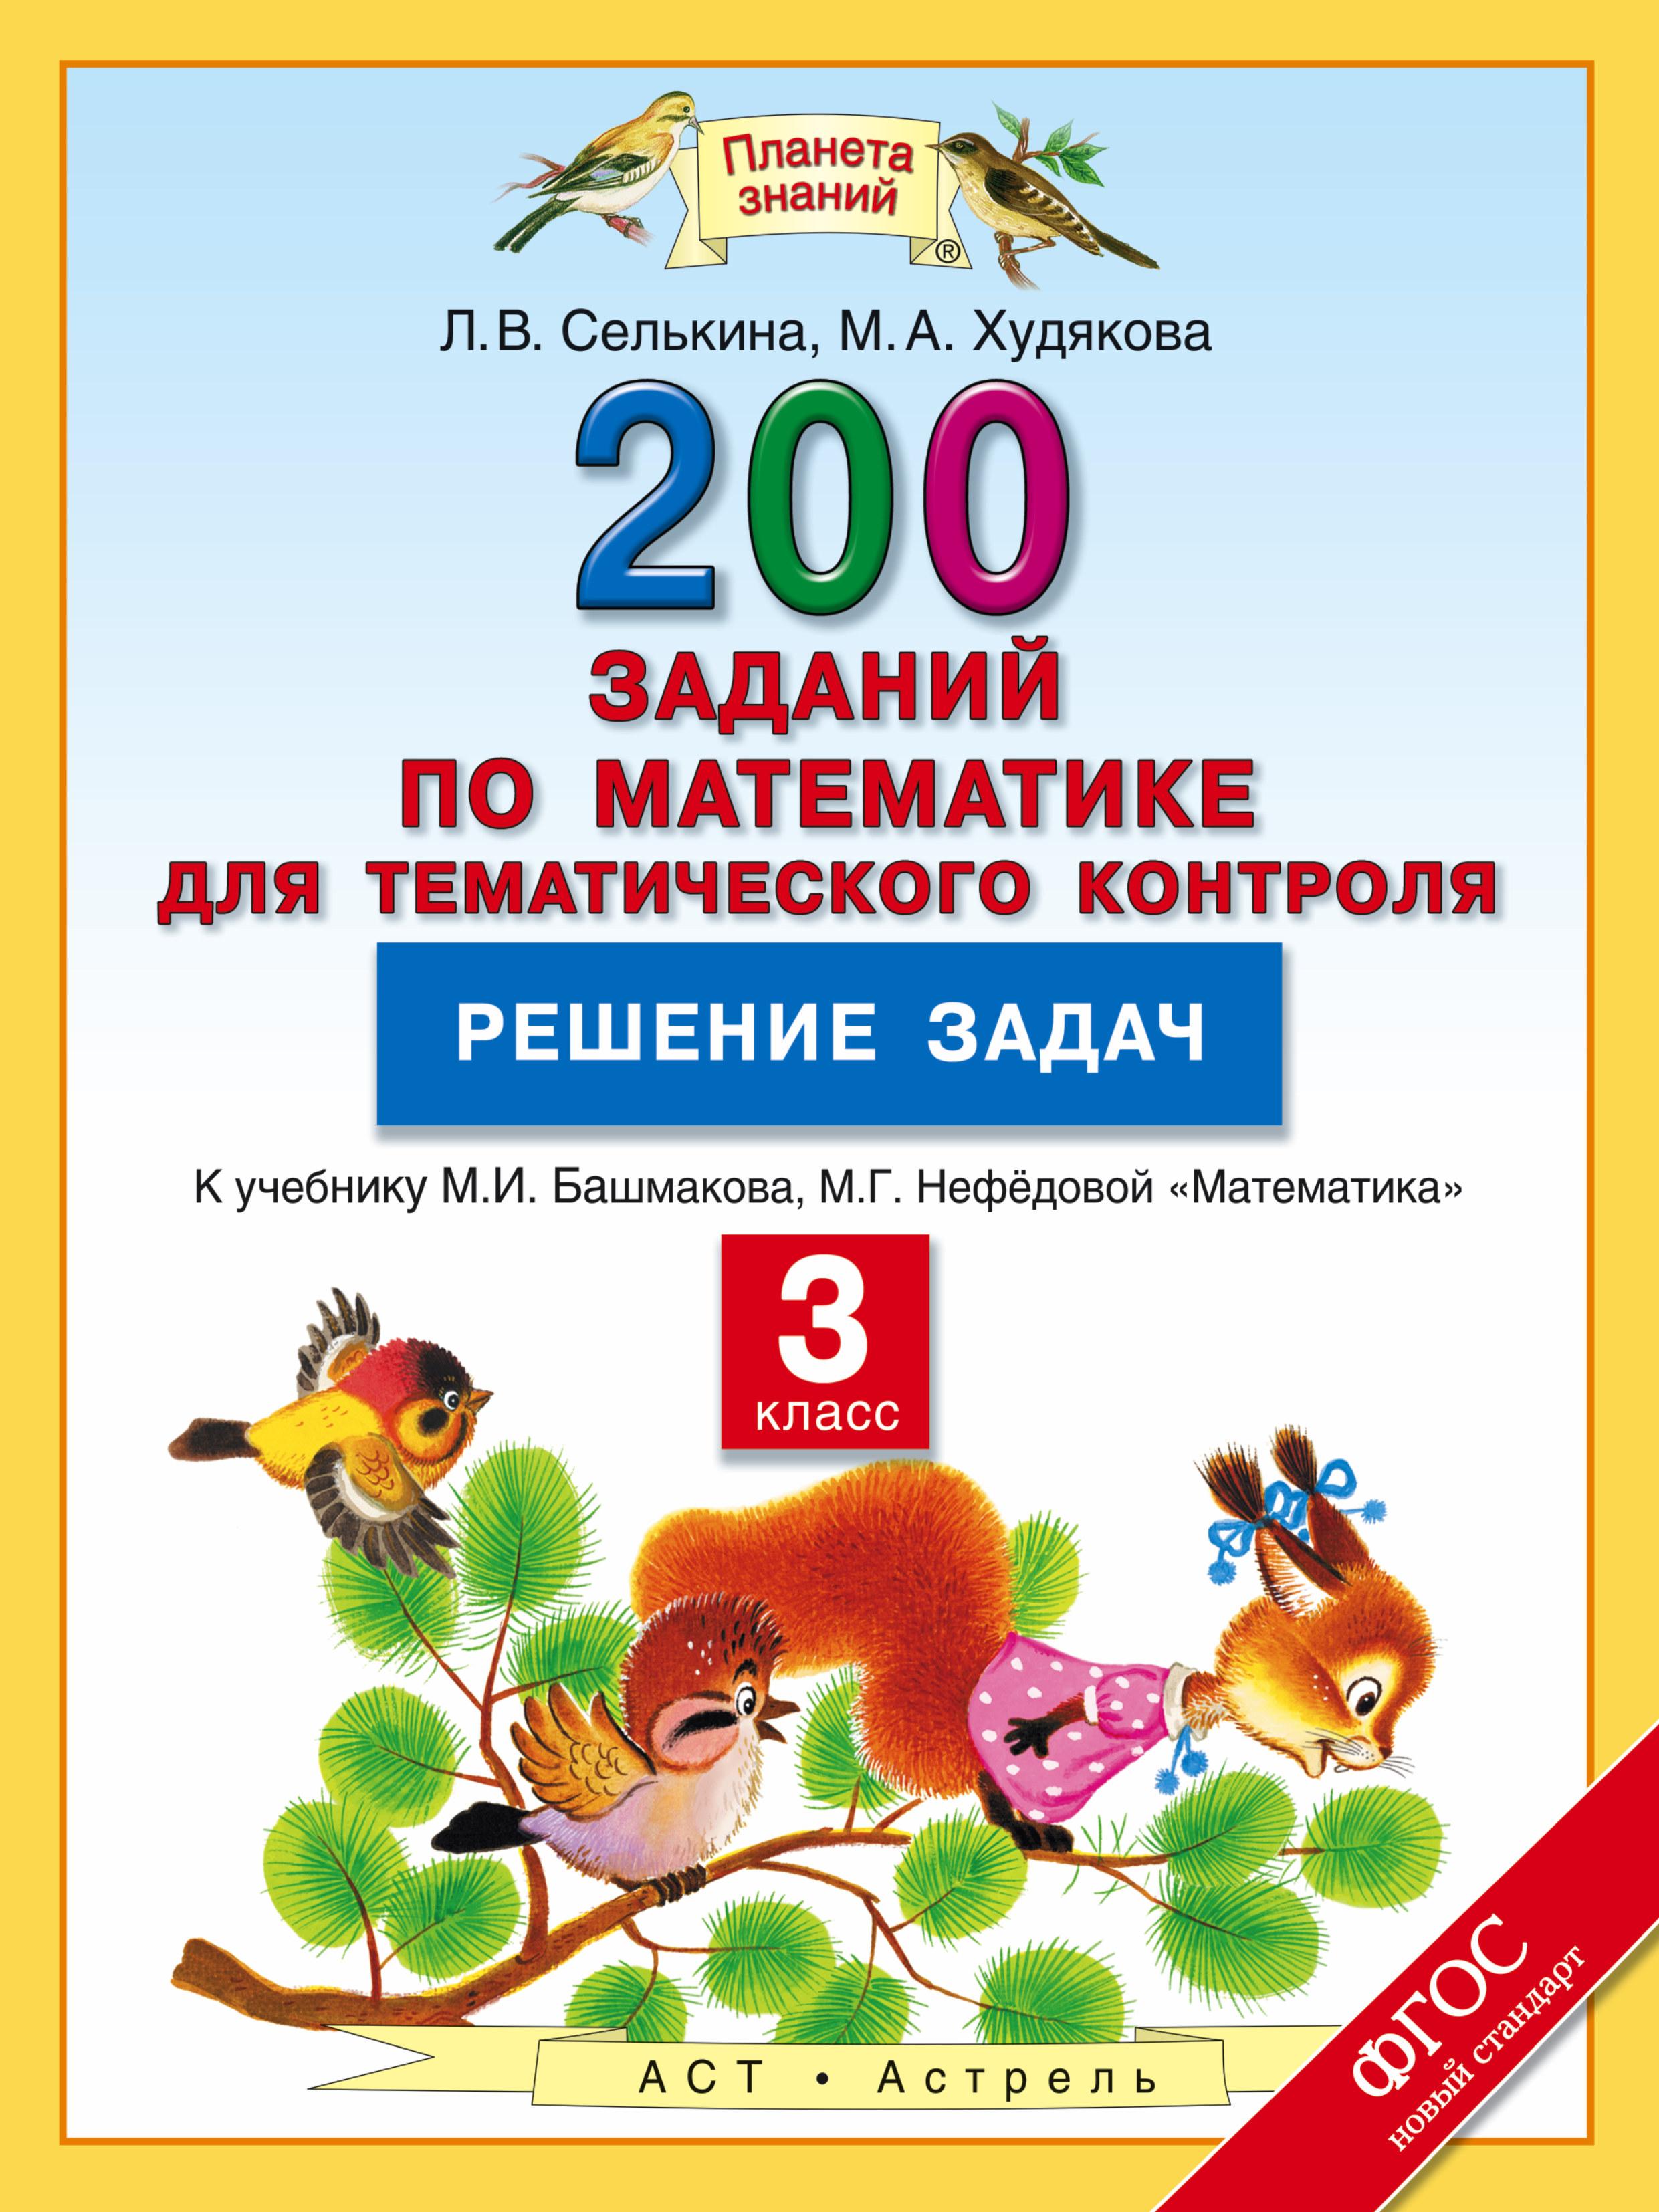 Решение задач. Математика. 3 класс. 200 заданий по математике для тематического контроля